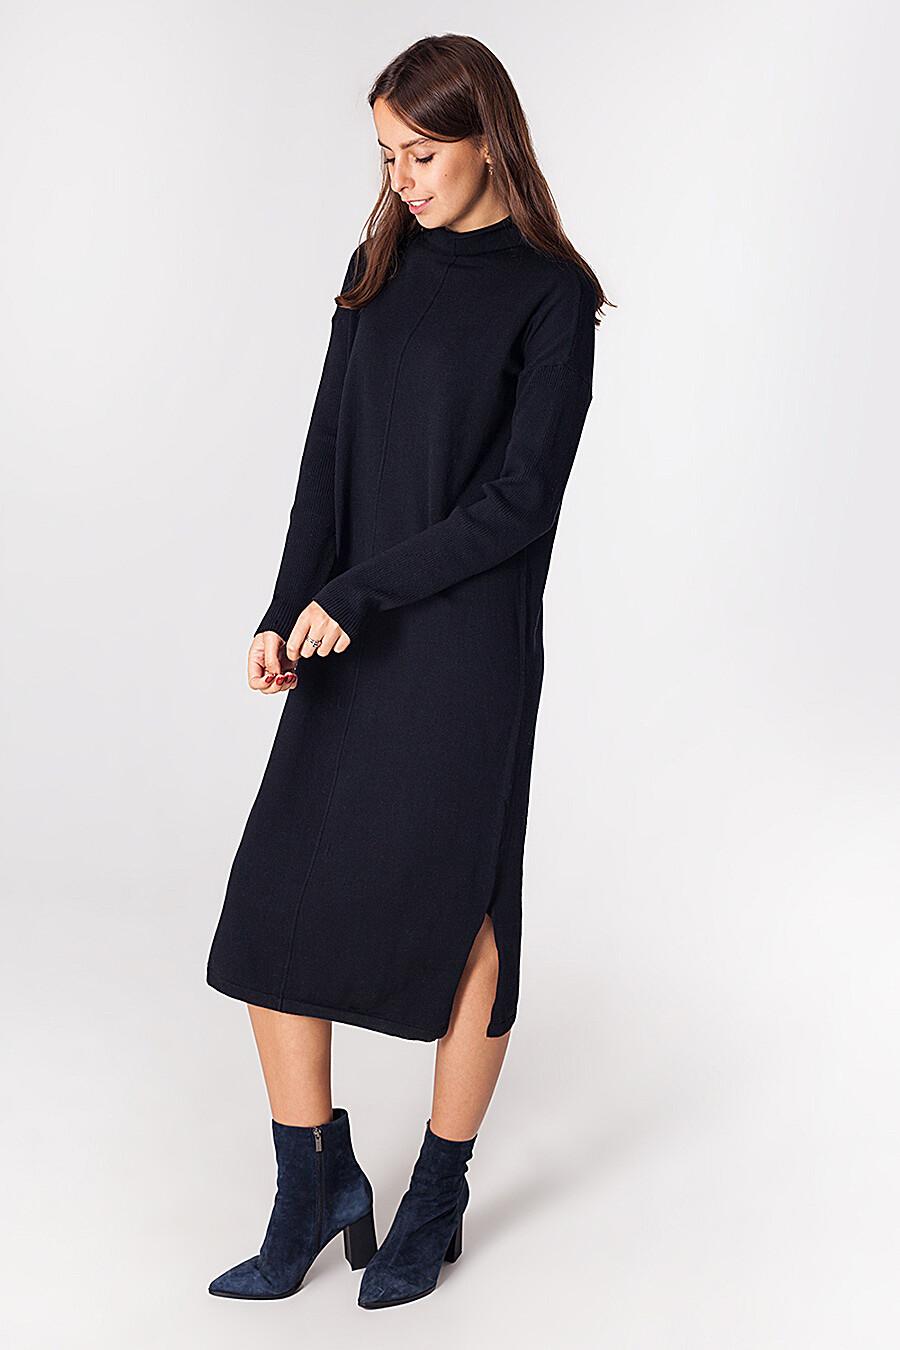 Платье для женщин VILATTE 154913 купить оптом от производителя. Совместная покупка женской одежды в OptMoyo